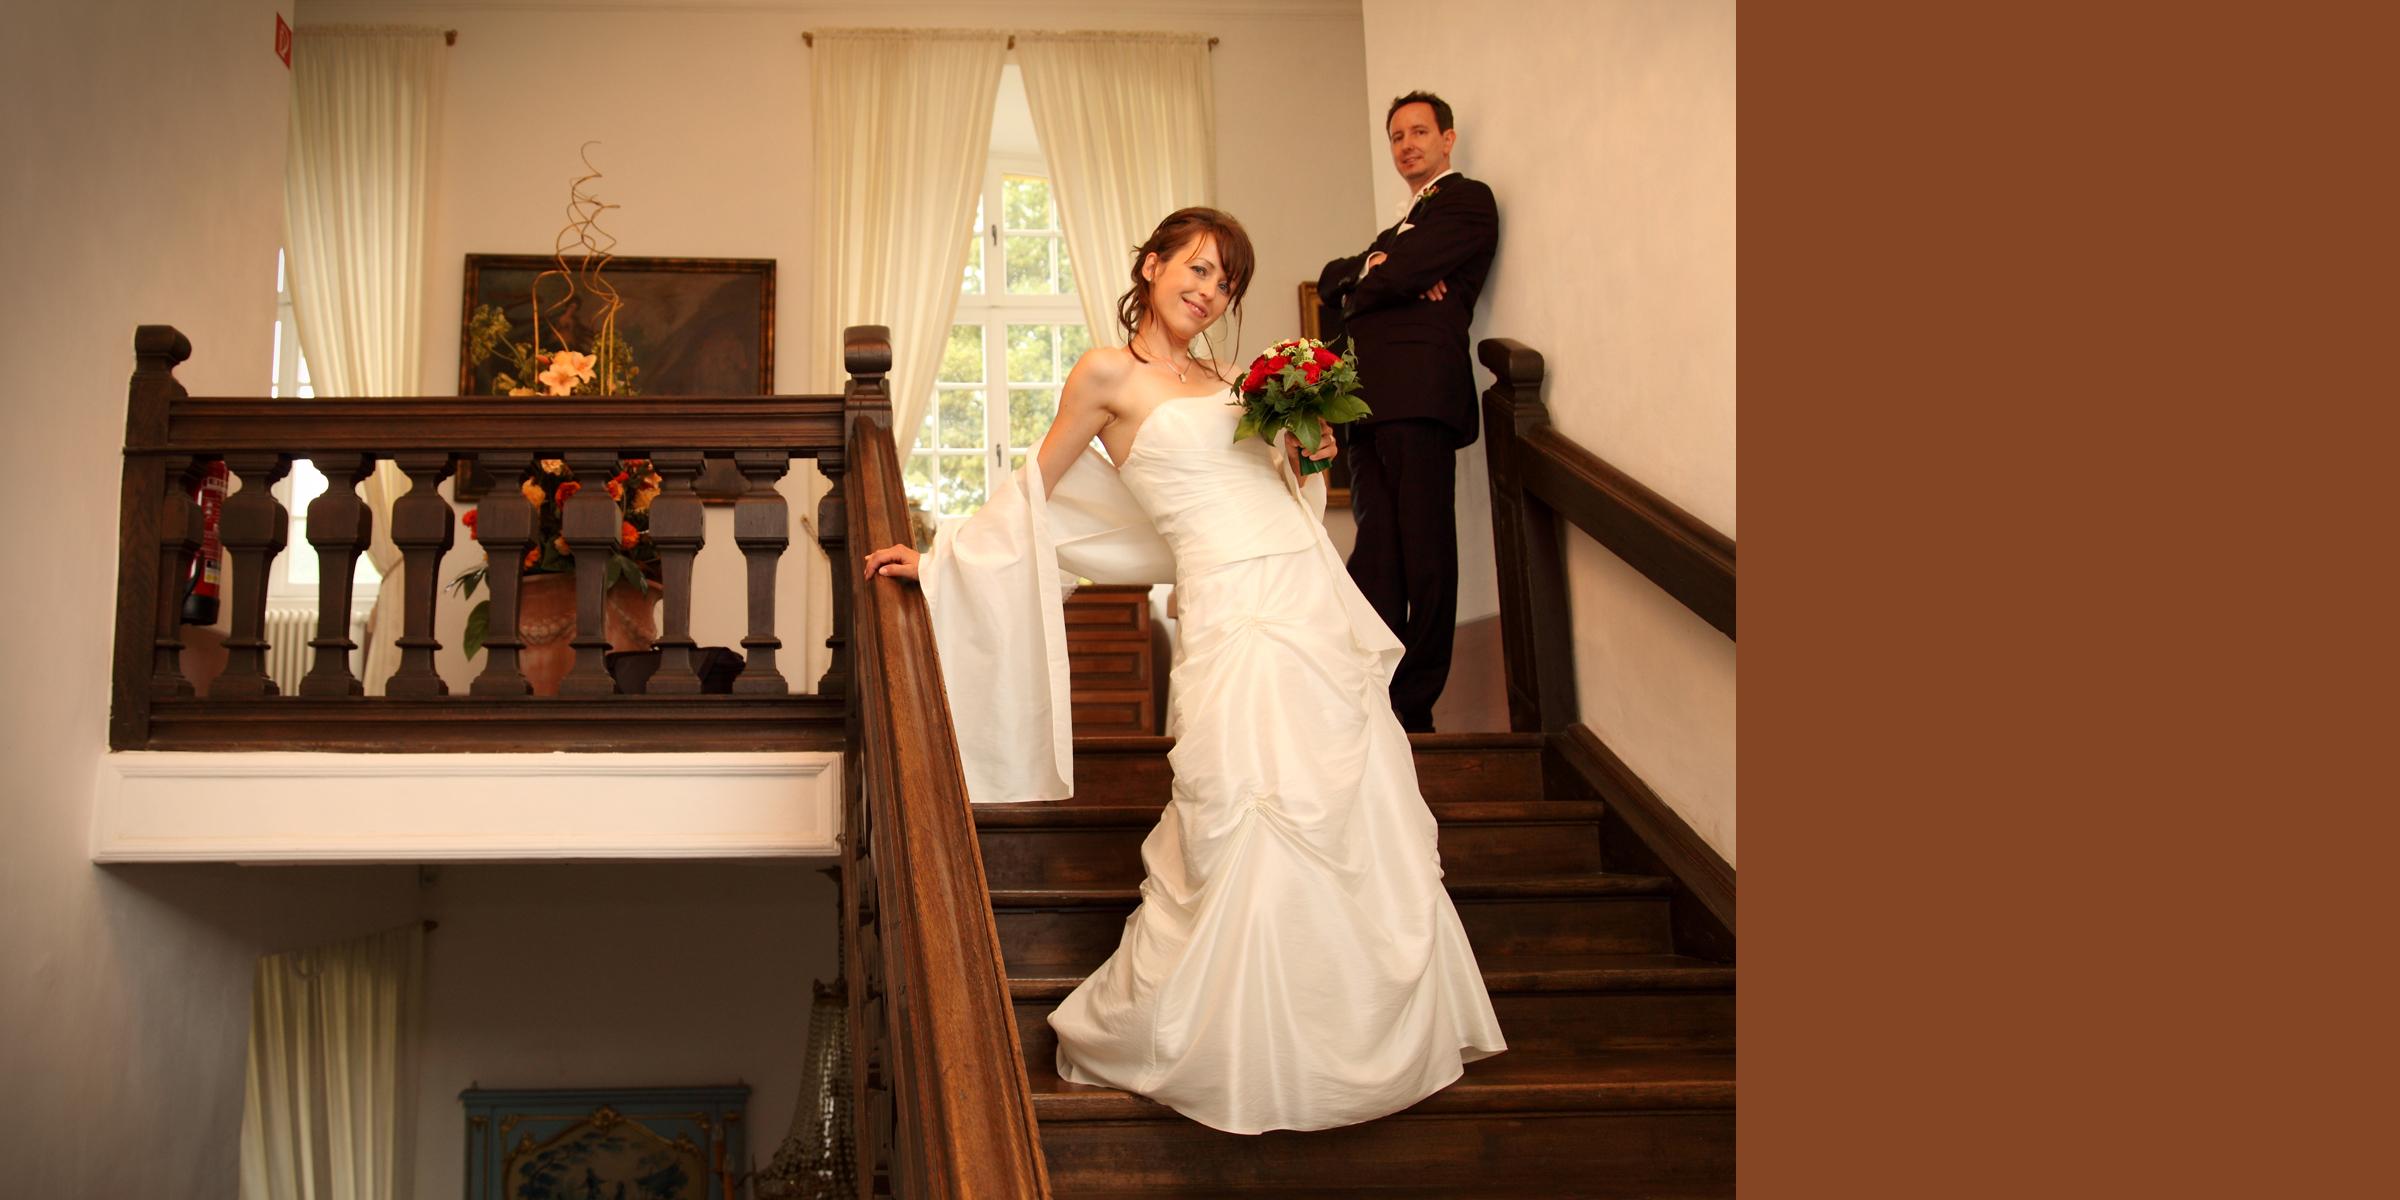 Hochzeitsportrait eines Mannes im dunklen Anzug mit roter Krawatte, der eine Frau in weißem Brautkleid, mit Brautstrauß, auf Händen trägt und beide posieren lächelnd vor dem Hintergrund eines Gebäudes (Palastgarten Trier).